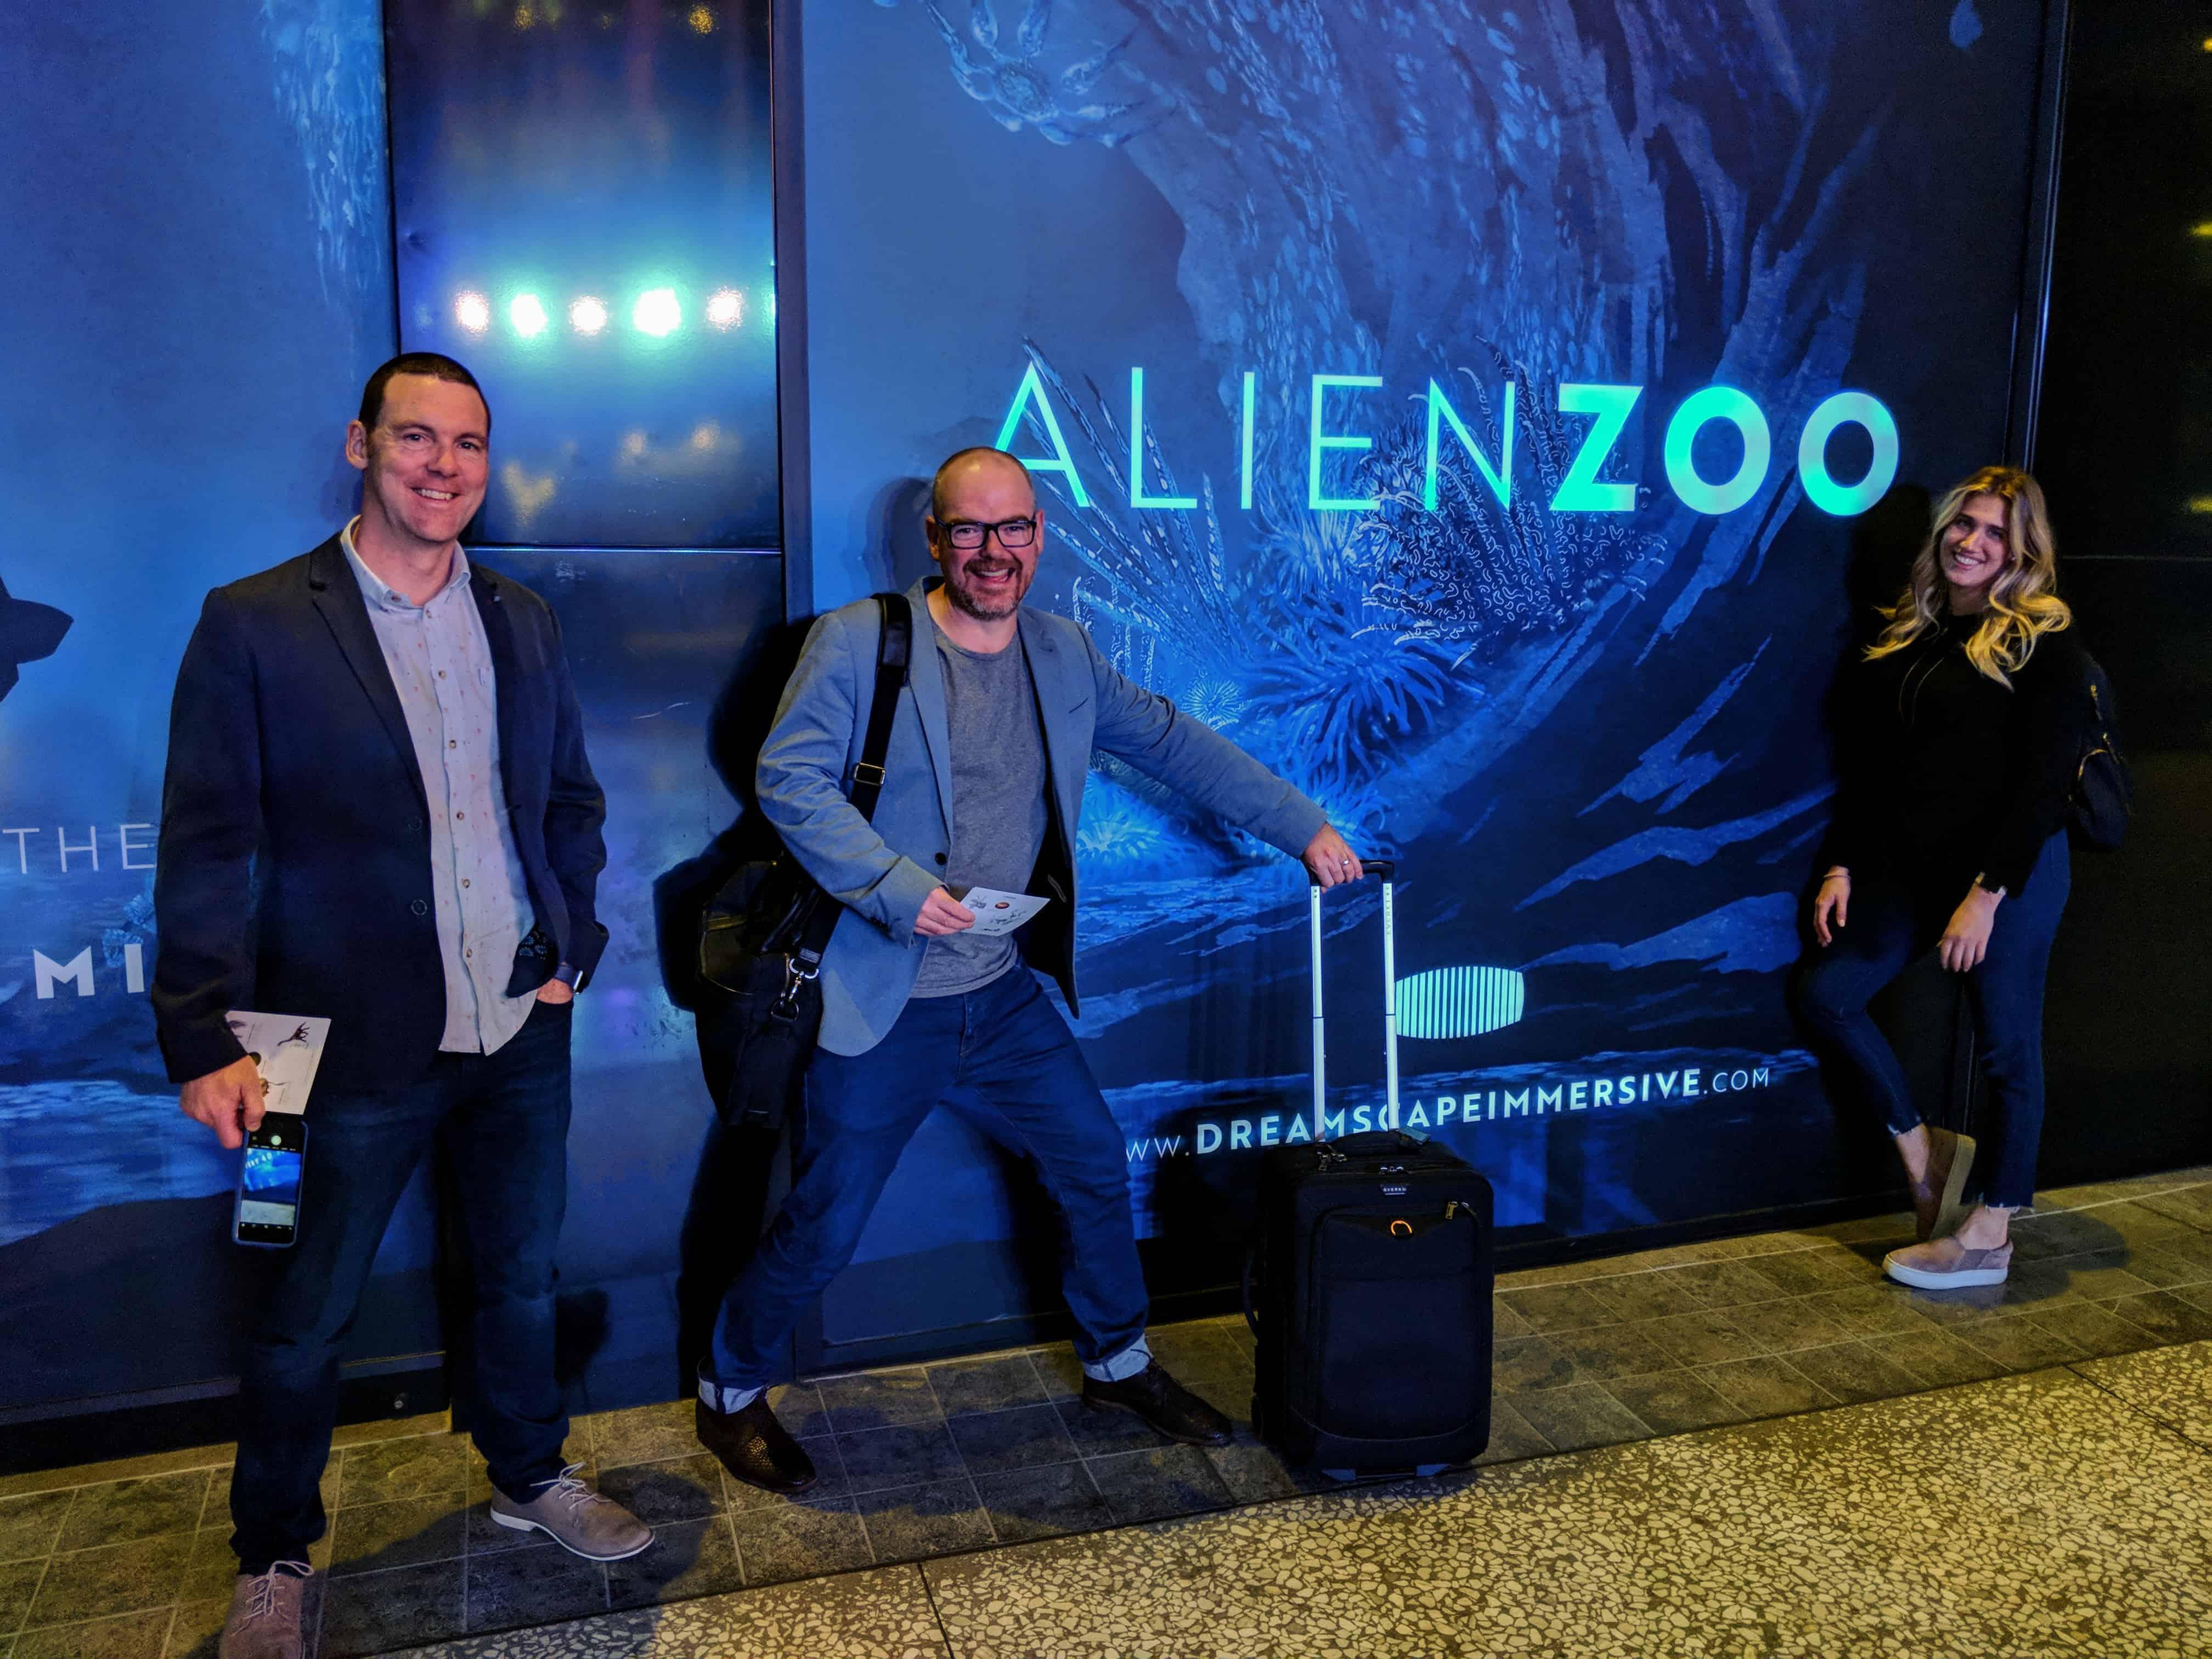 Martin, Nathan and Ella check out Dreamscape Immersive's Alien Zoo in LA